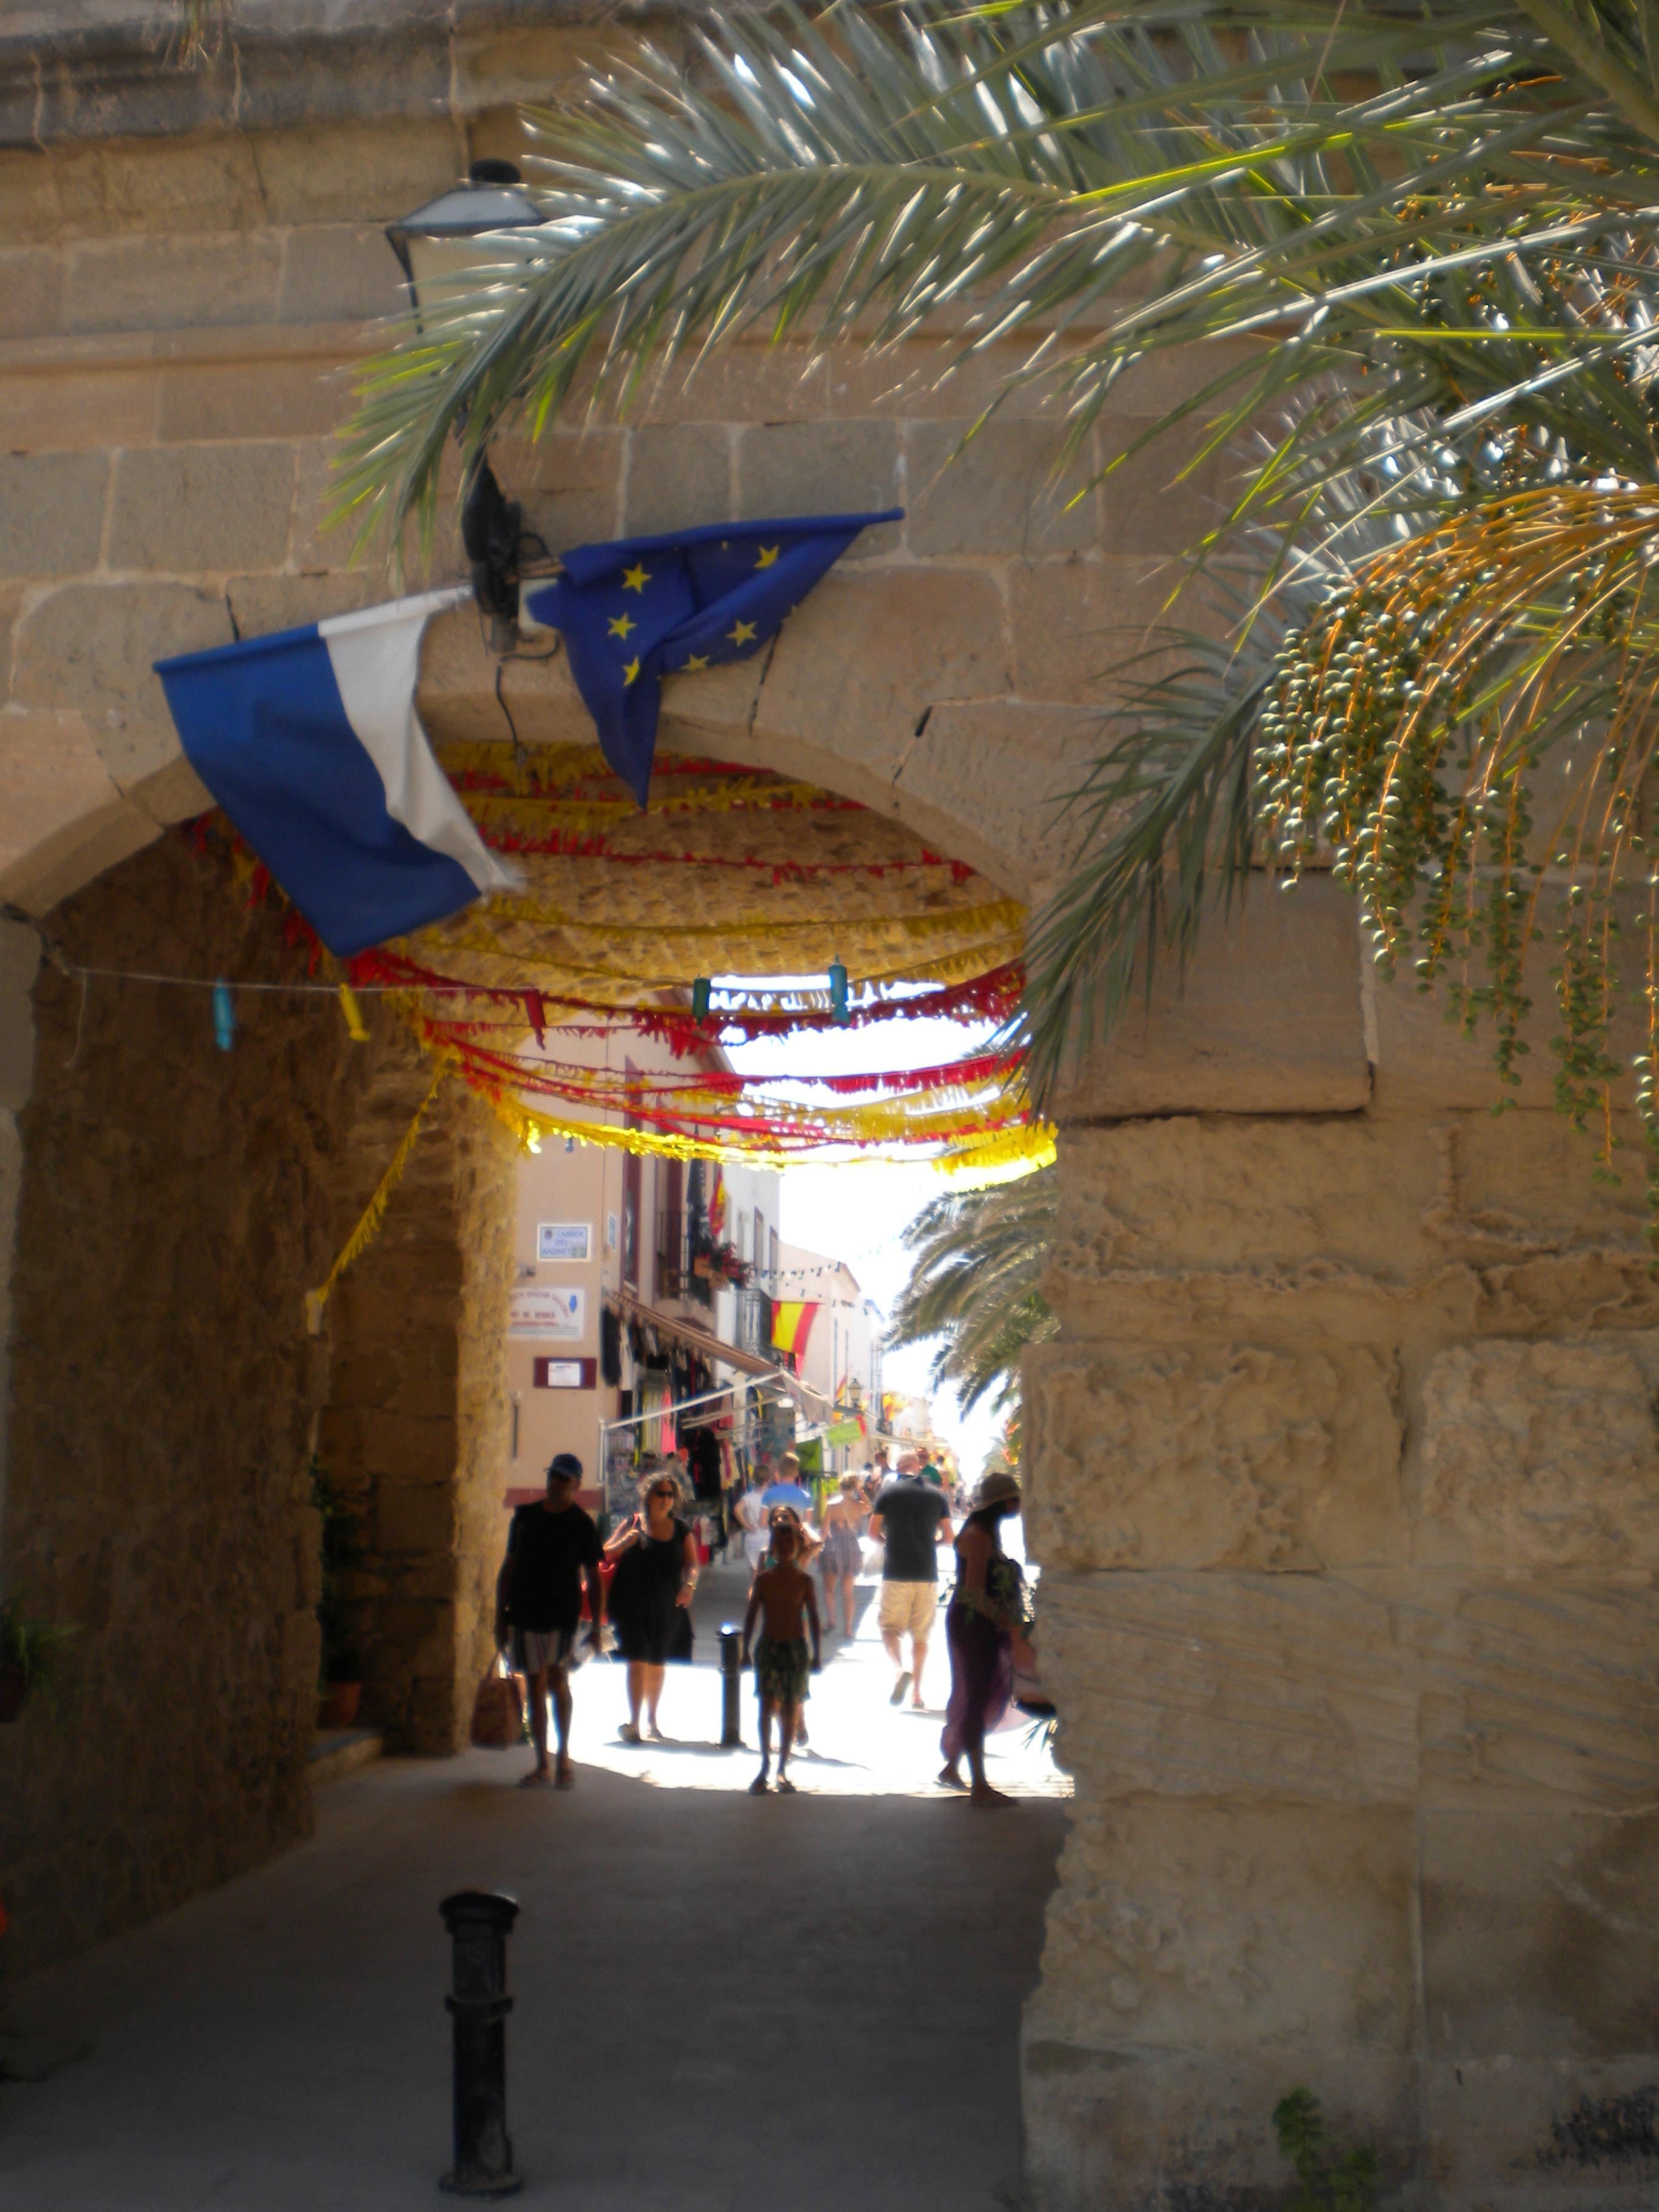 puerta muralla NUeva tabarca